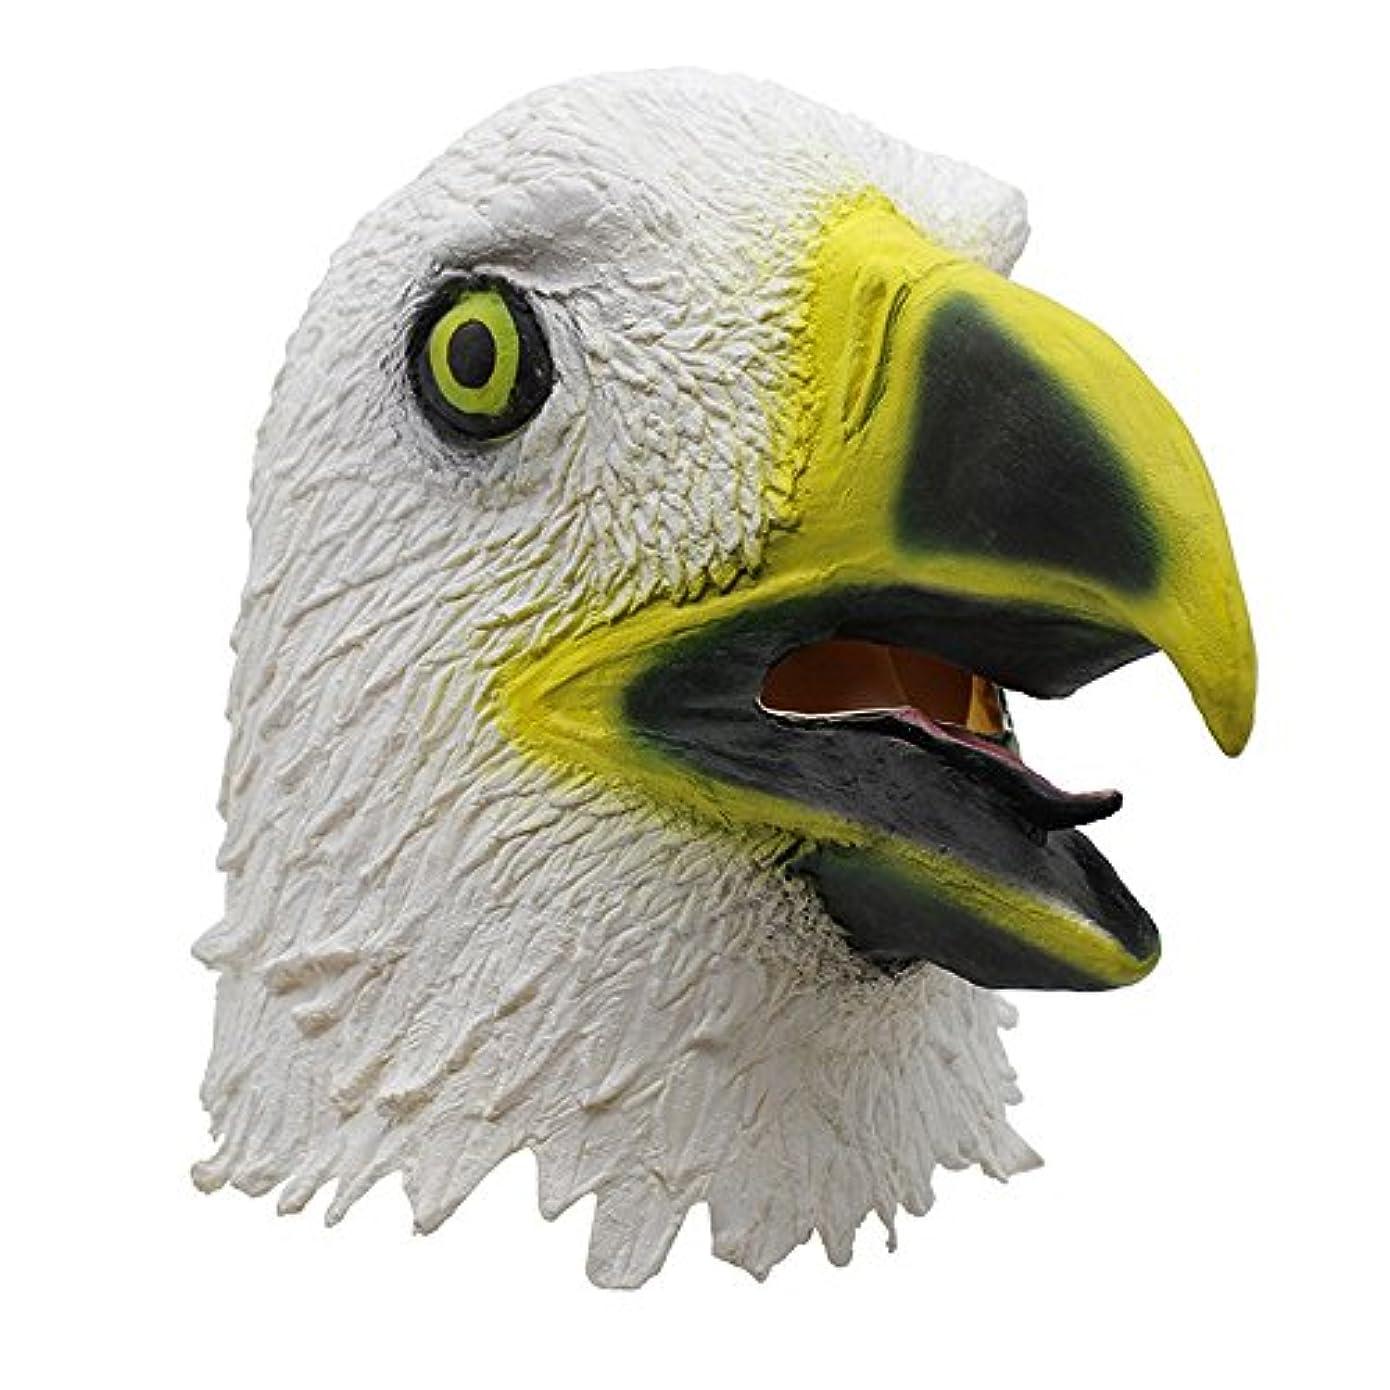 割れ目代数アレイ空白のイーグルフードトリッキーな現実的なマスクバーCOS怖い高騰 (Color : A)